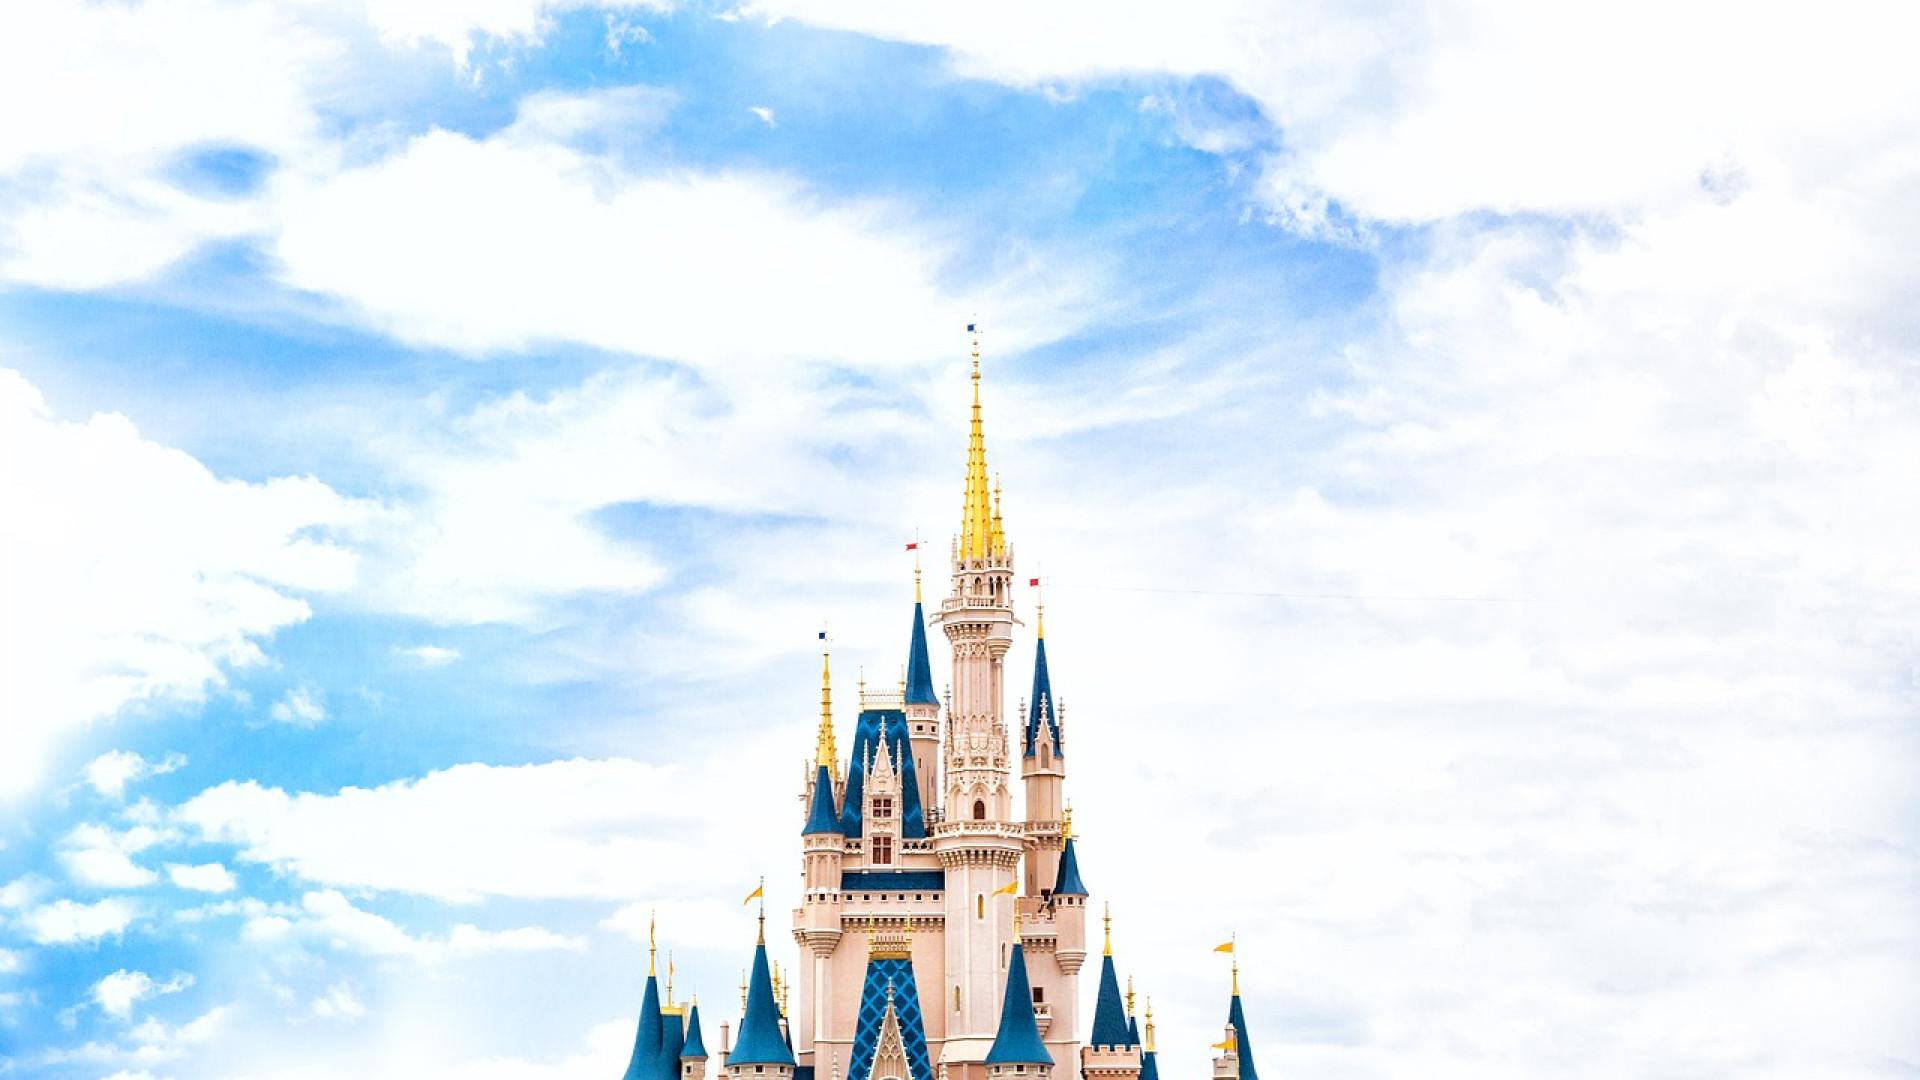 Disneyland Paris offre un lifting à Pirates des Caraïbes